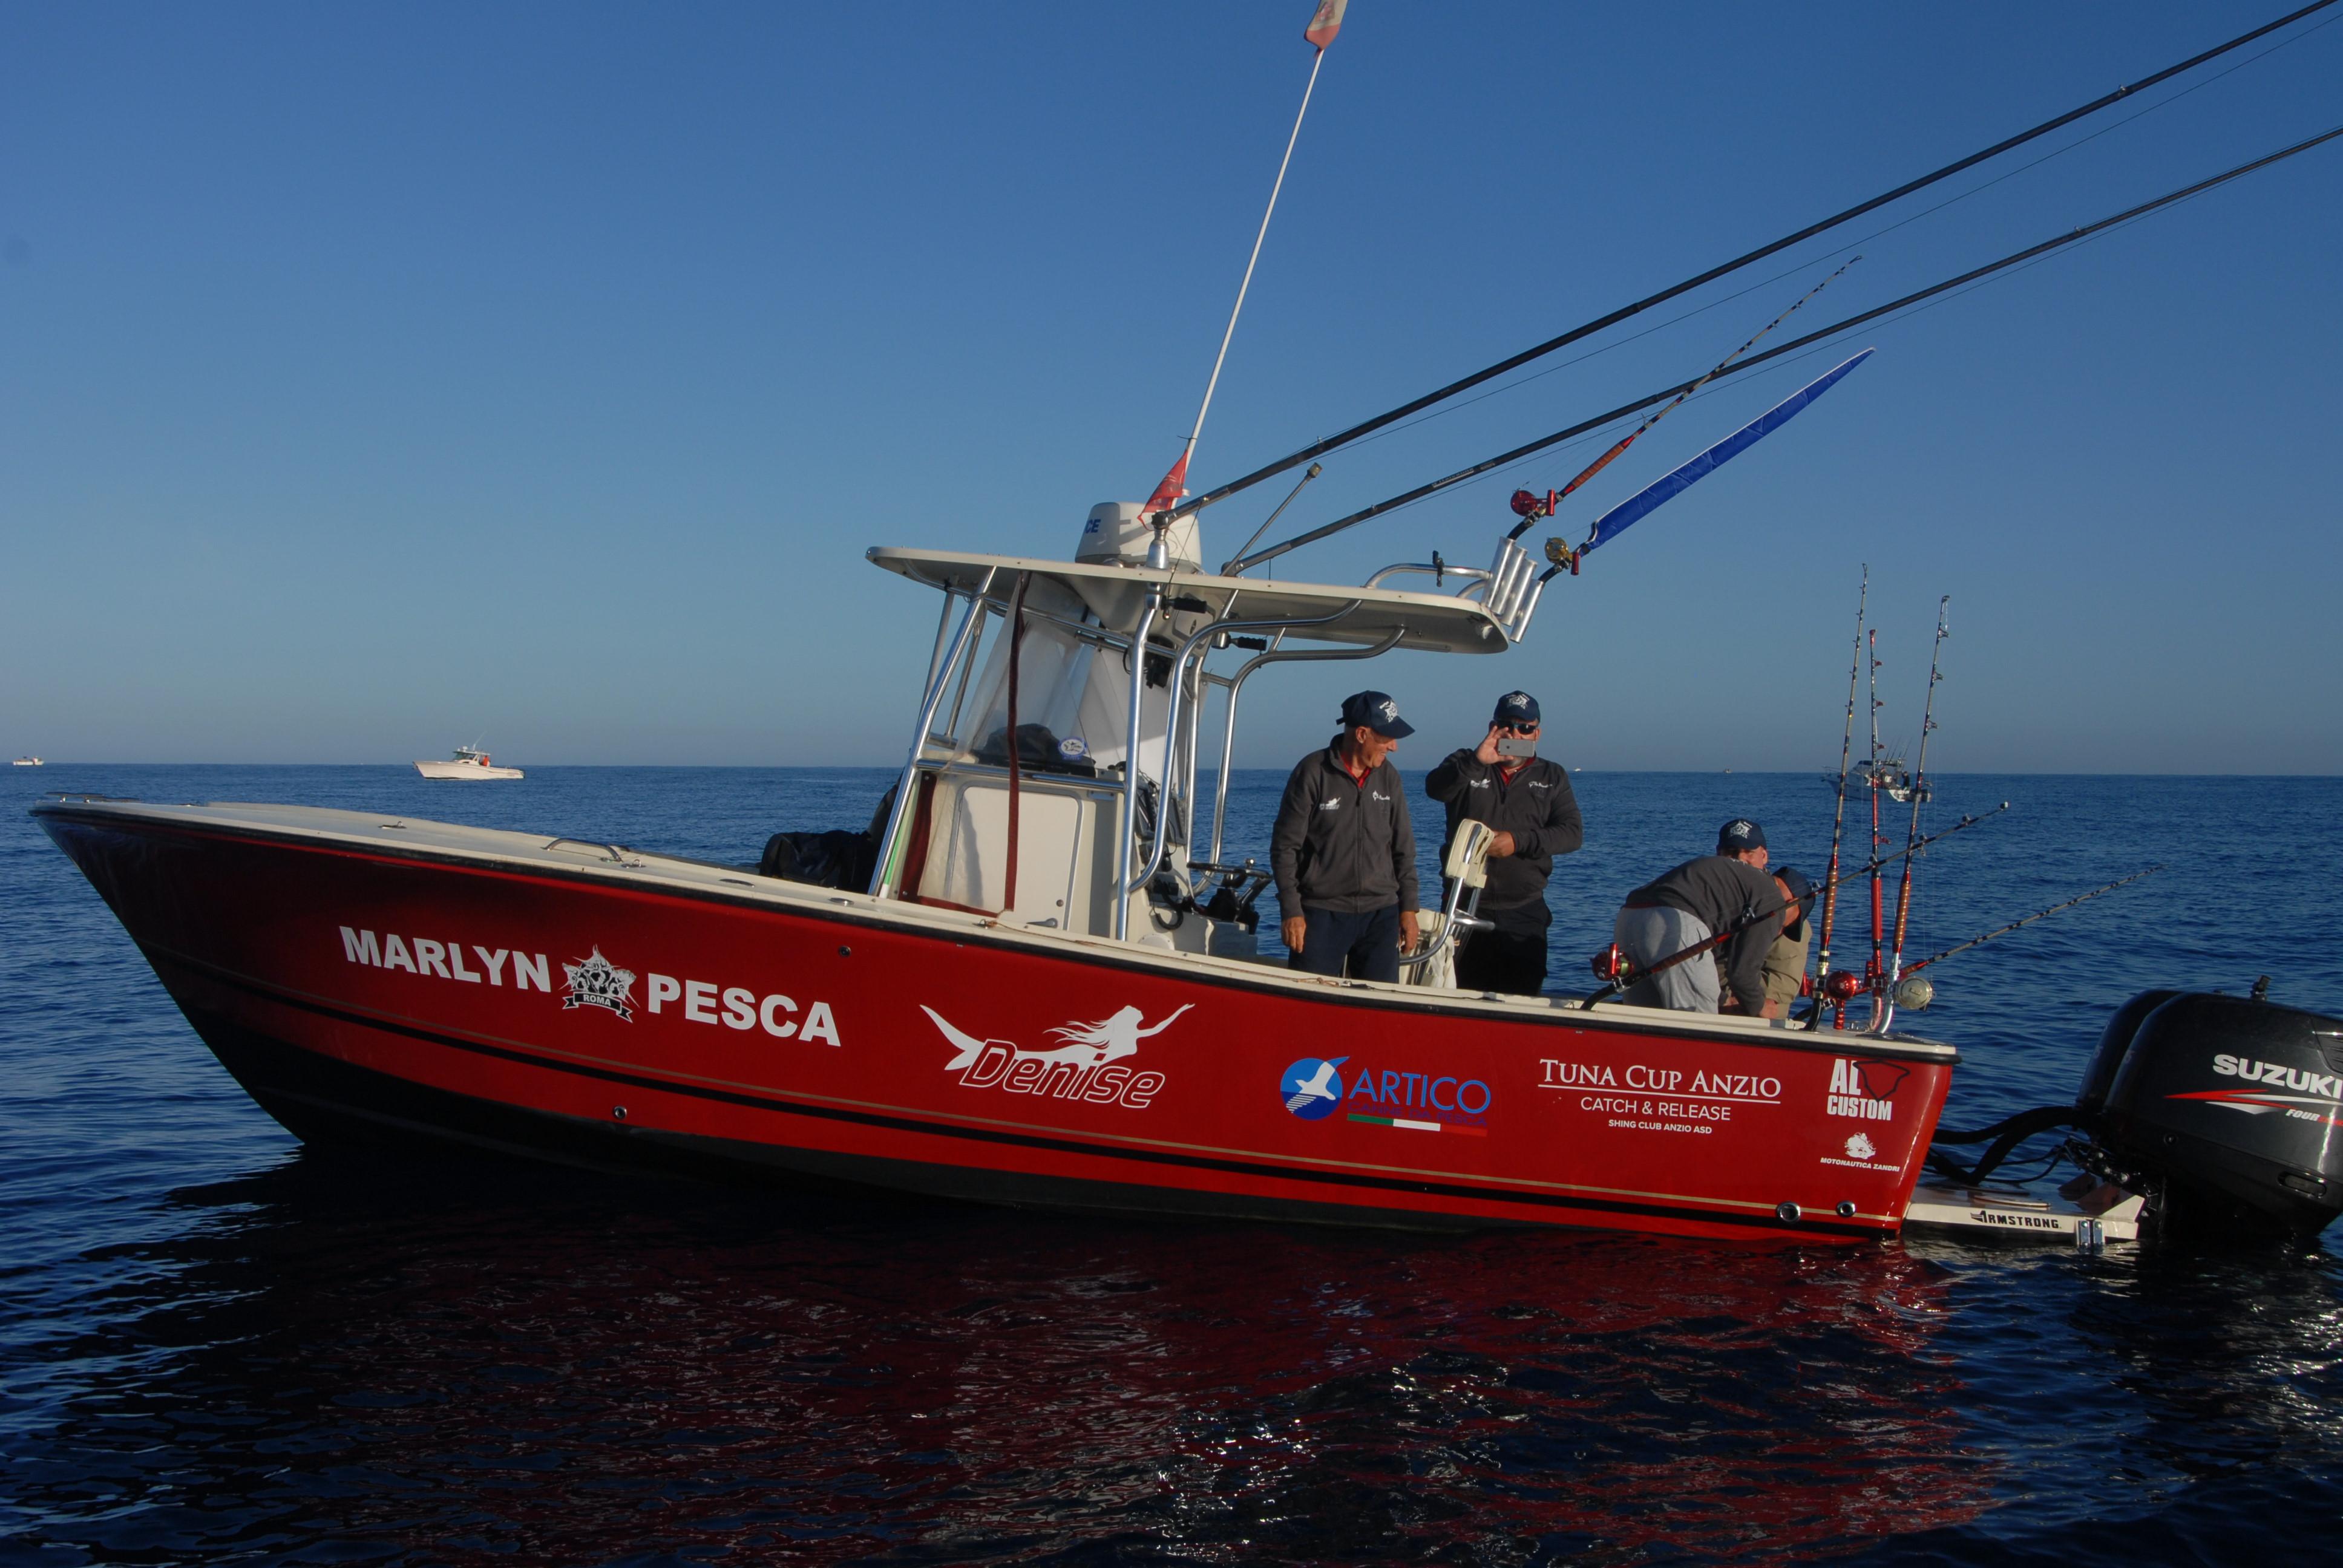 marlin pesca